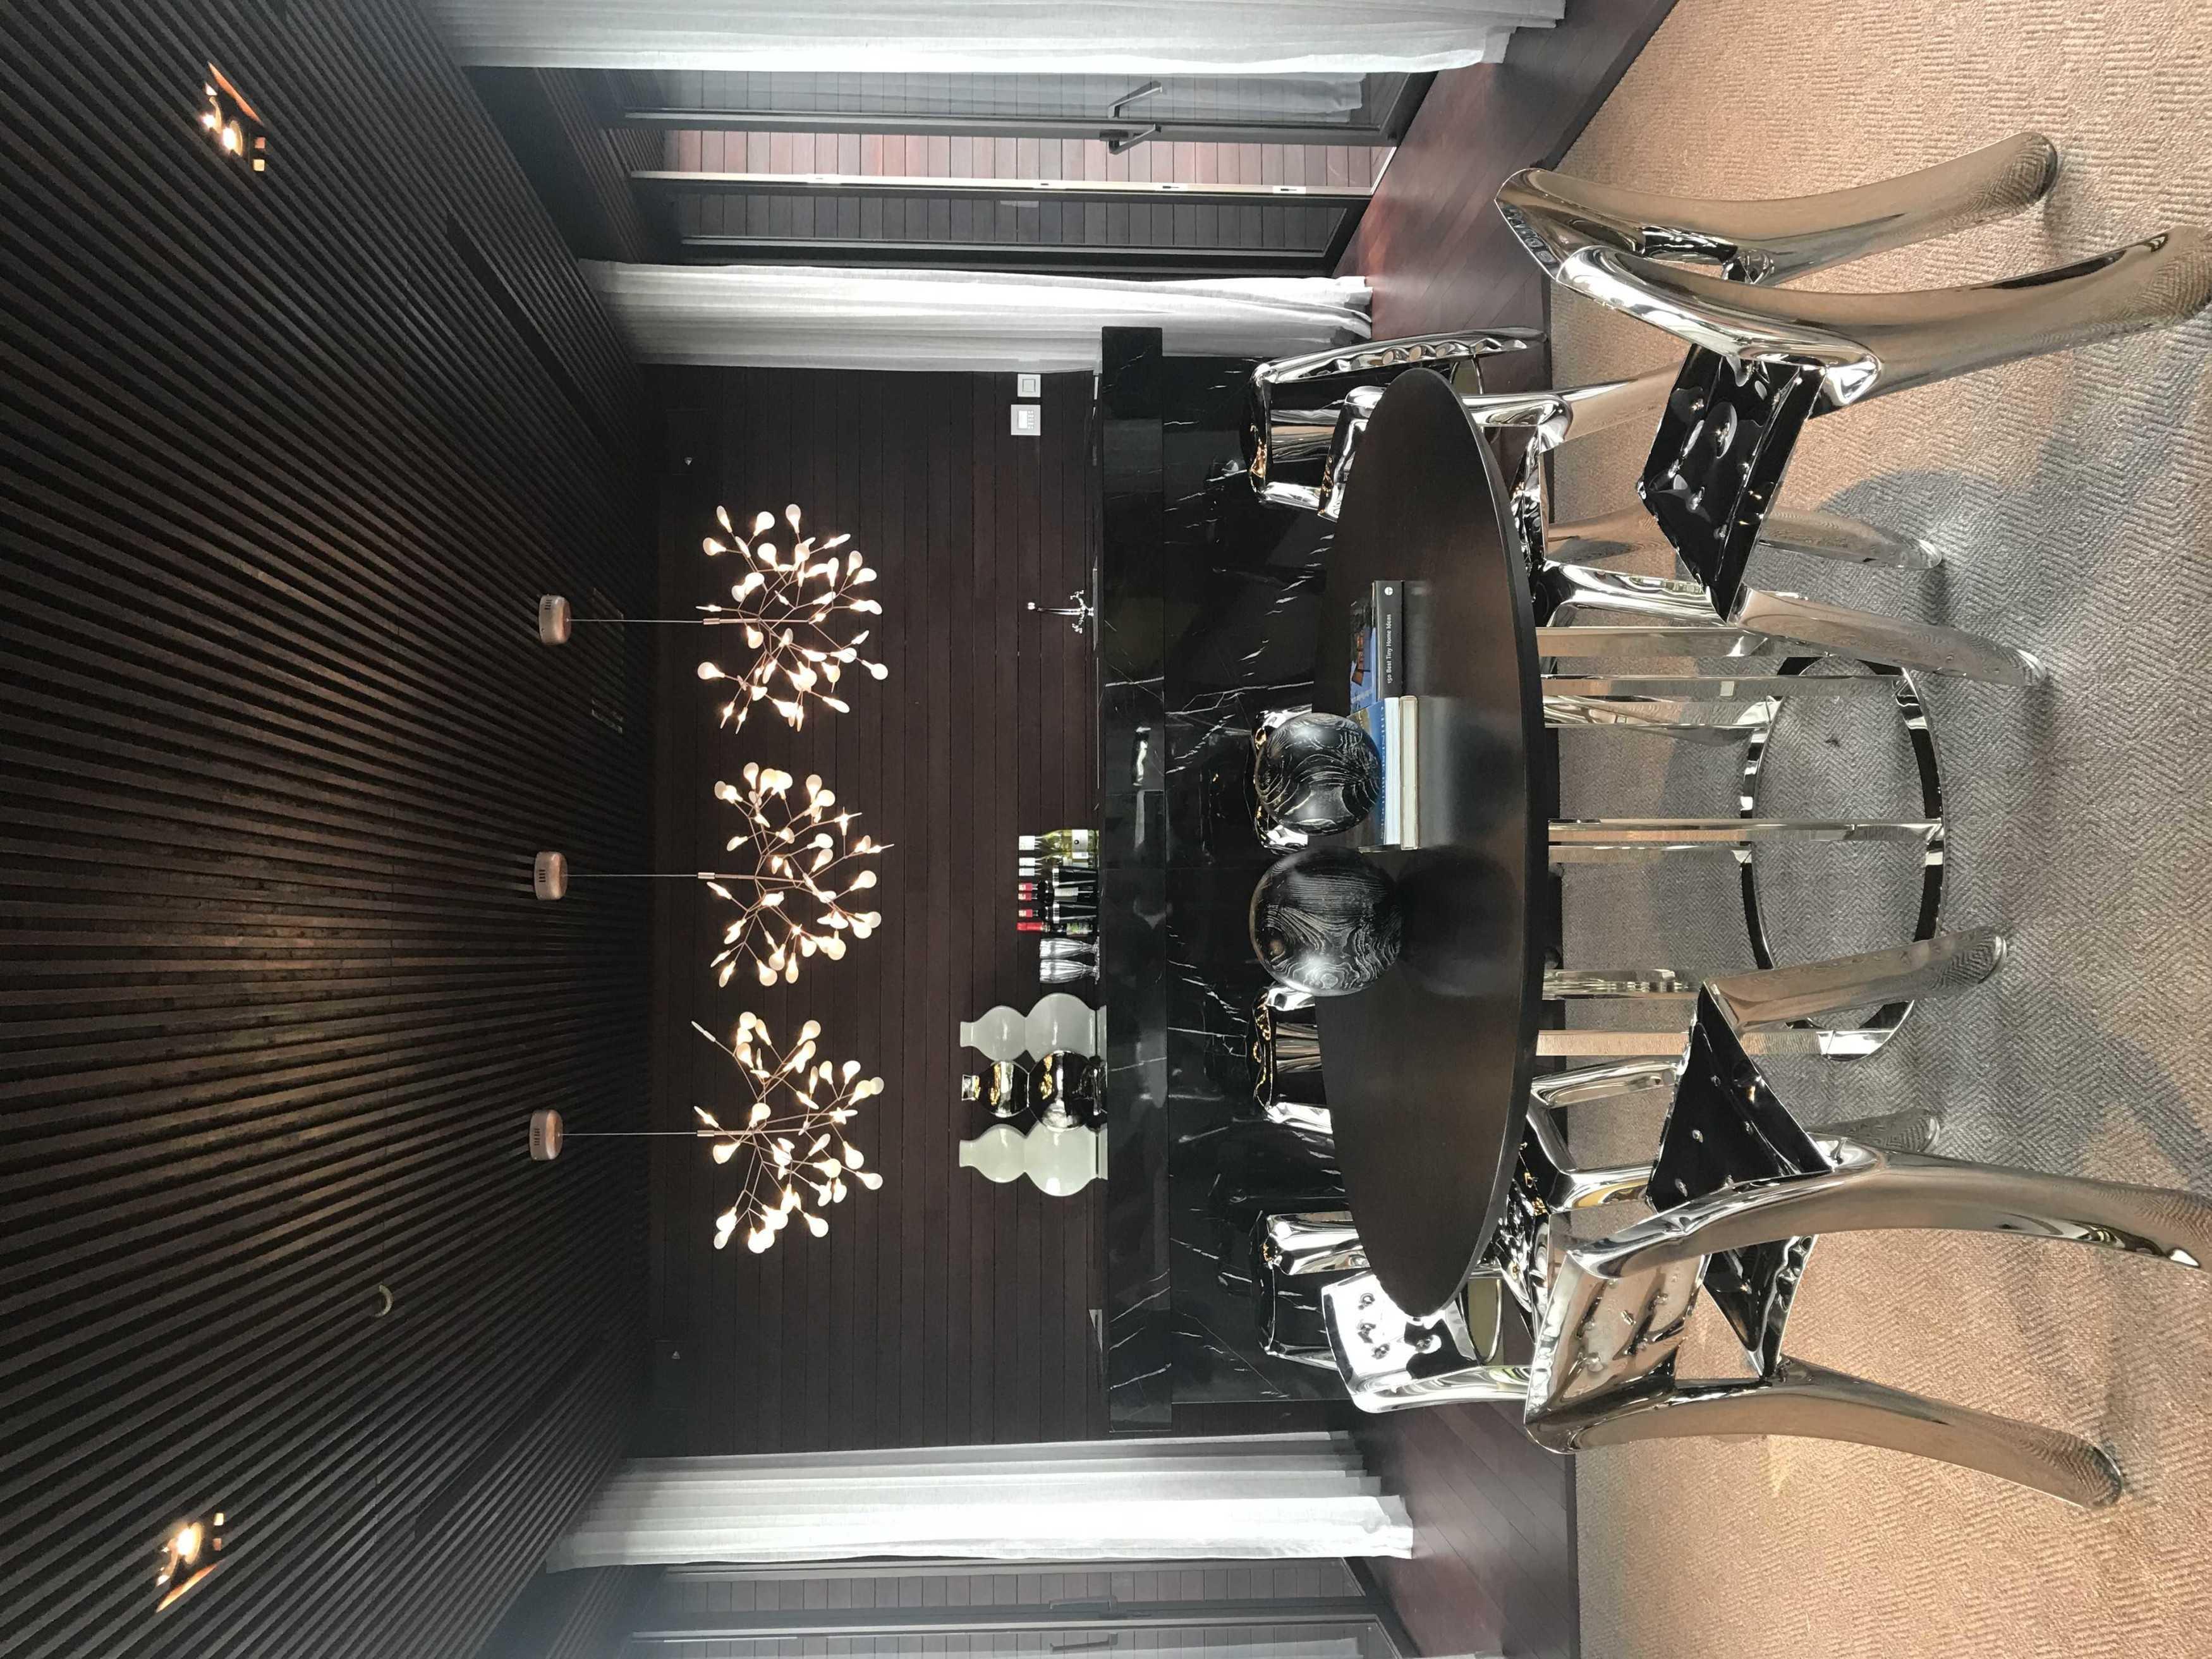 Studio Ig Interior Pantai Indah Kapuk - Pinisi Cipulir, Kebayoran Lama, Rt.7/rw.2, Kamal Muara, Penjaringan, Kamal Muara, Penjaringan, Jakarta Selatan, Daerah Khusus Ibukota Jakarta 12230, Indonesia Cipulir, Kebayoran Lama, Rt.7/rw.2, Kamal Muara, Penjaringan, Kamal Muara, Penjaringan, Jakarta Selatan, Daerah Khusus Ibukota Jakarta 12230, Indonesia Studio-Ig-Interior-Pantai-Indah-Kapuk-Pinisi   67905